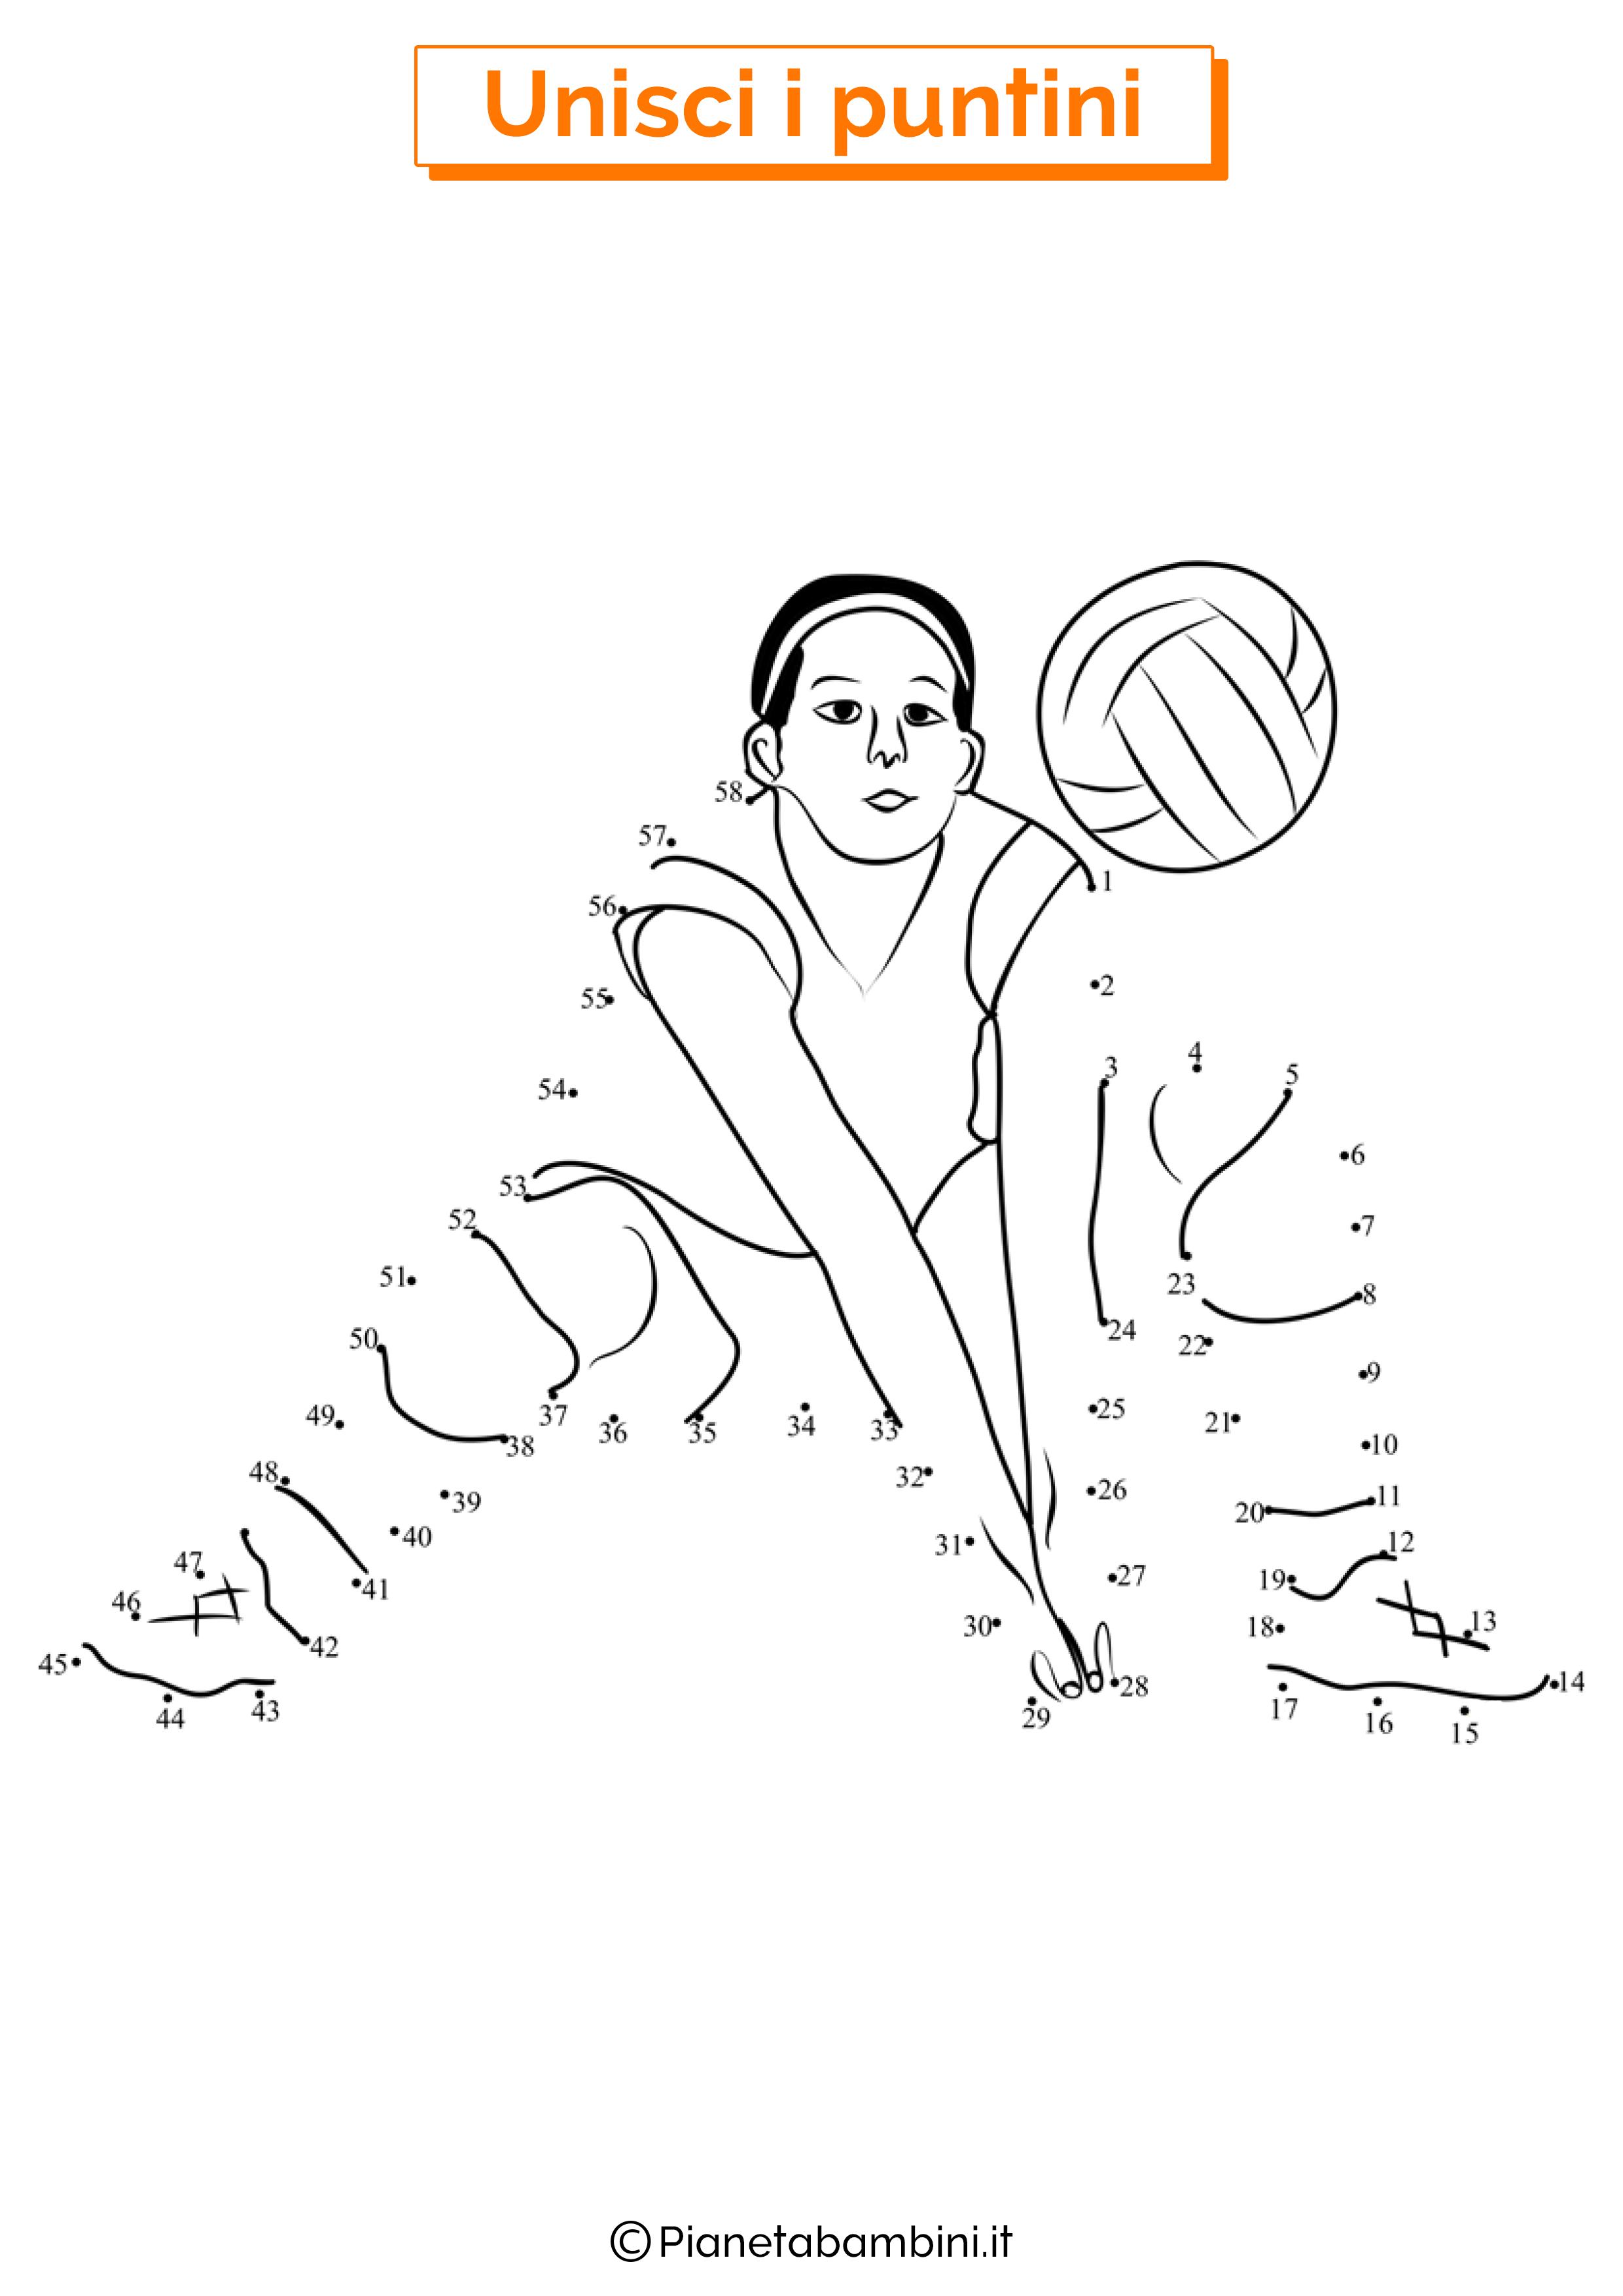 Disegno unisci i puntini pallavolo